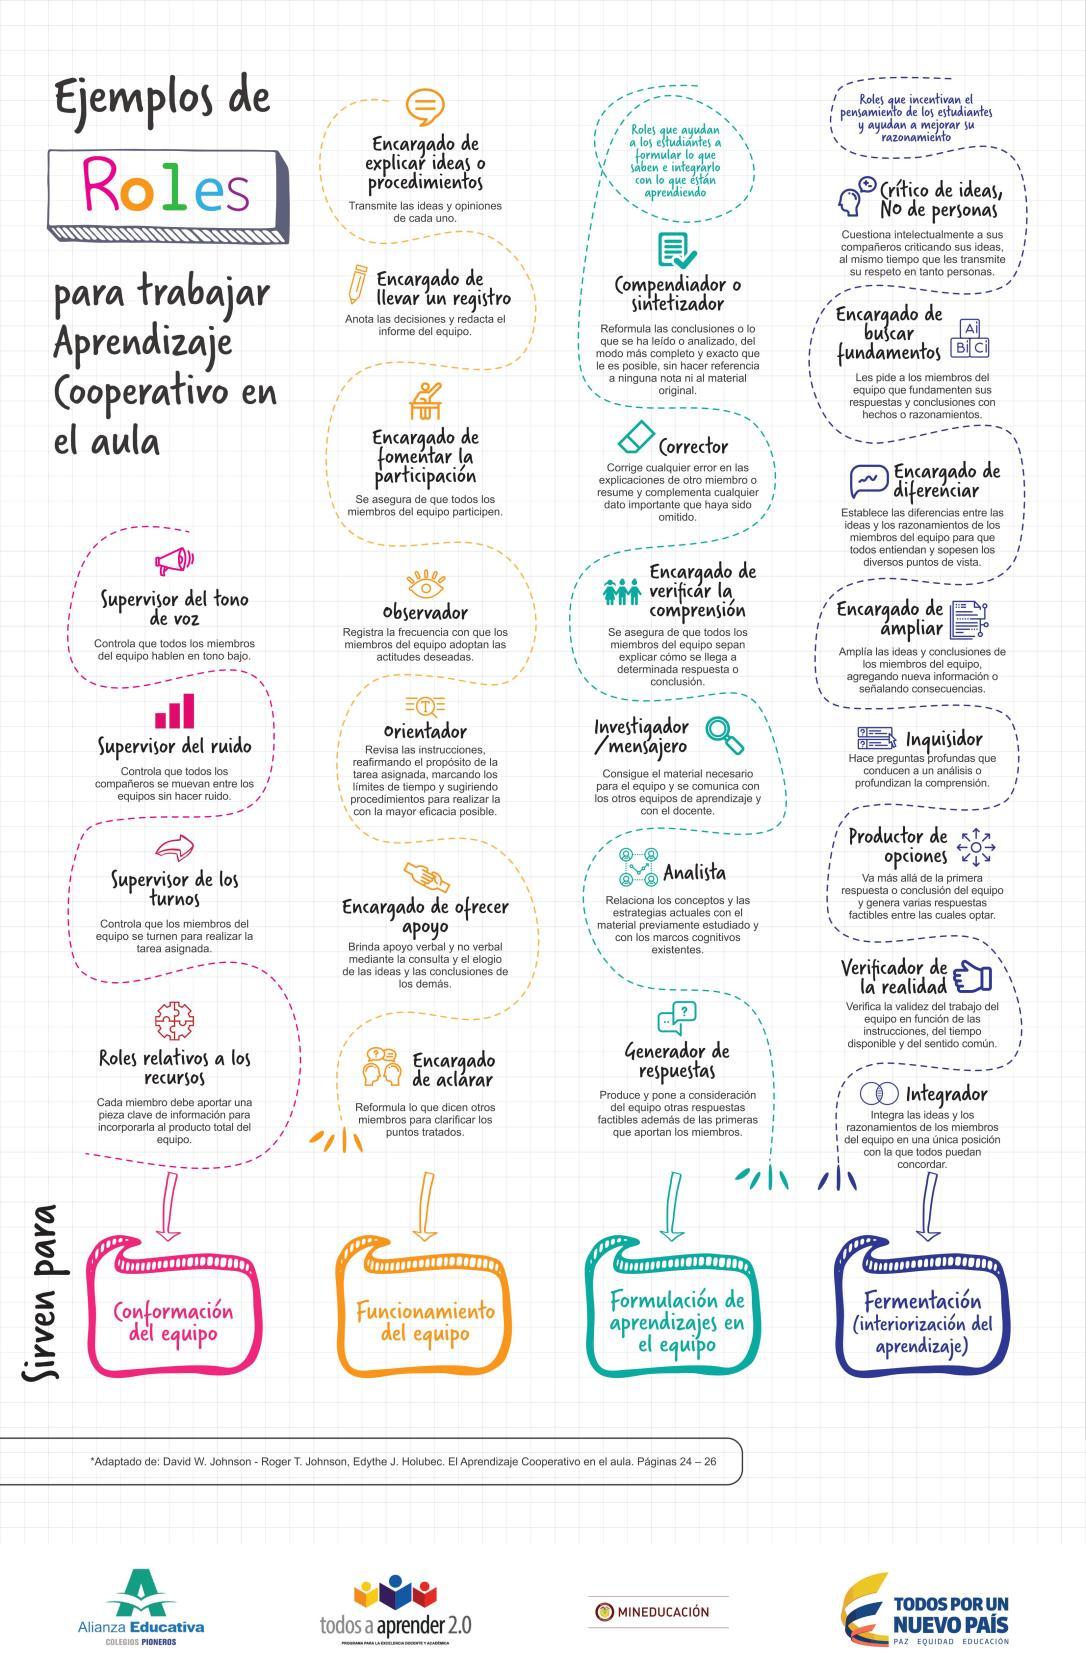 aprendizaje cooperativo ejemplos roles